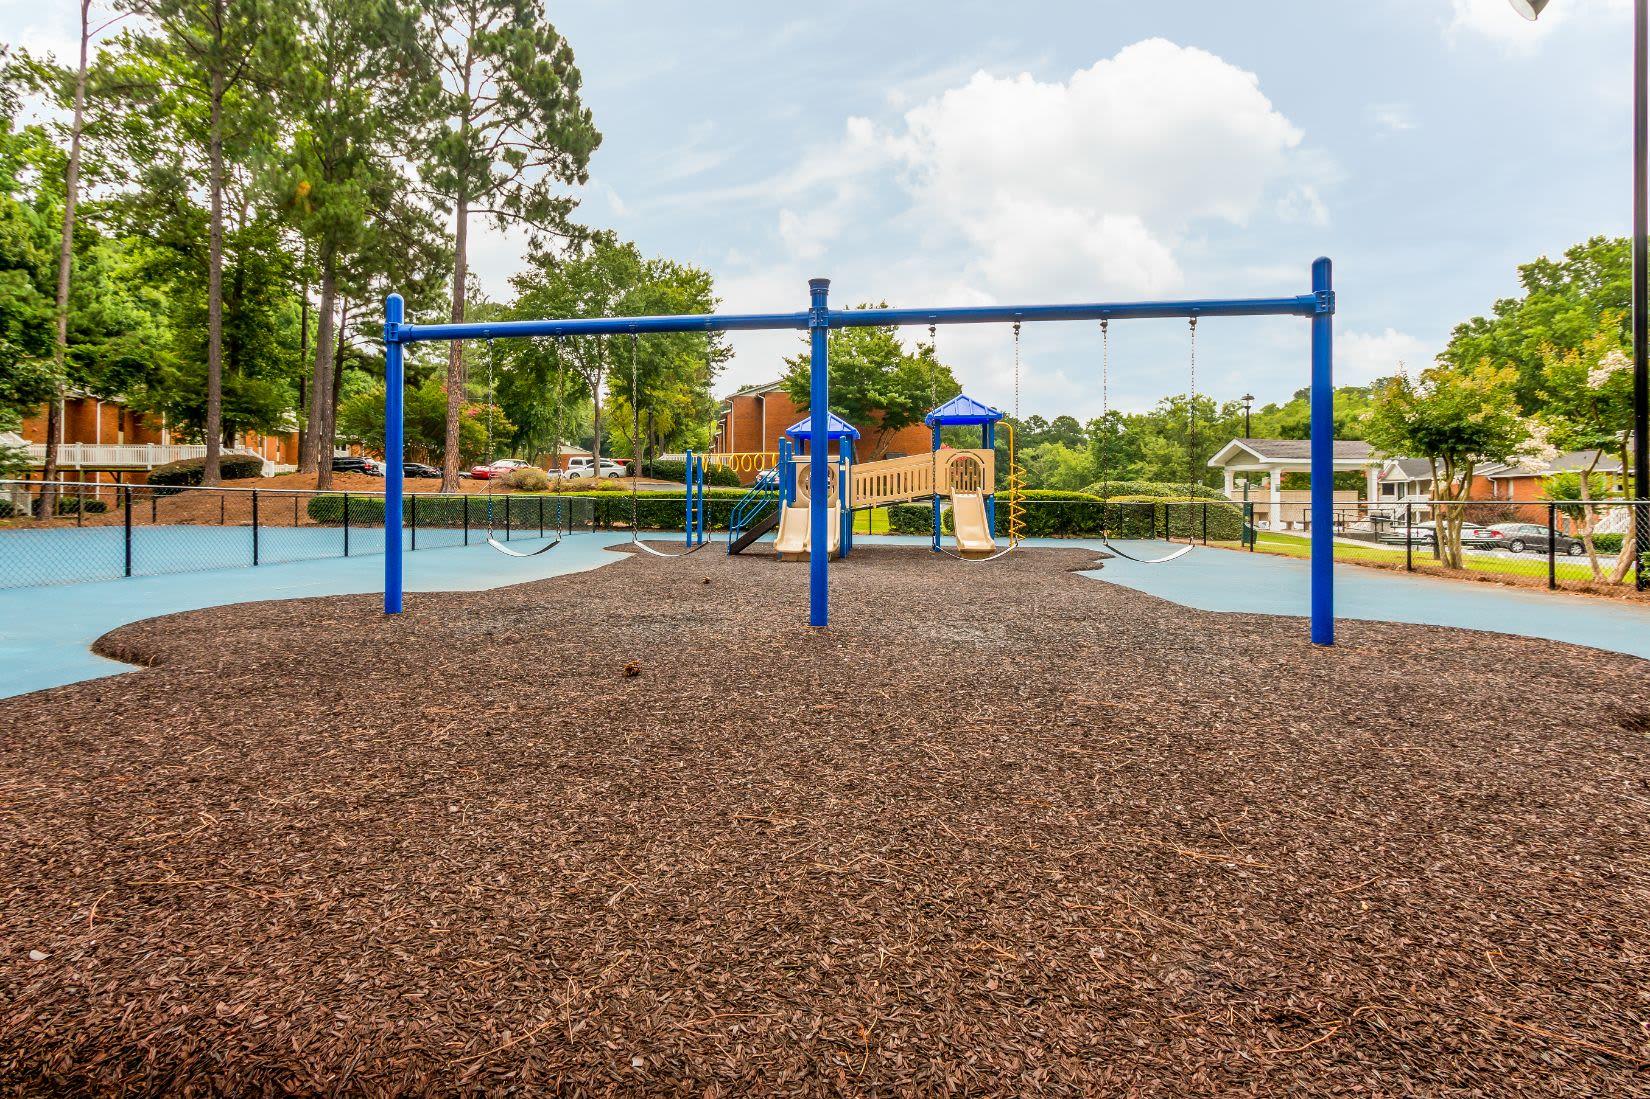 Playground at Marquis at Perimeter Center in Atlanta, Georgia